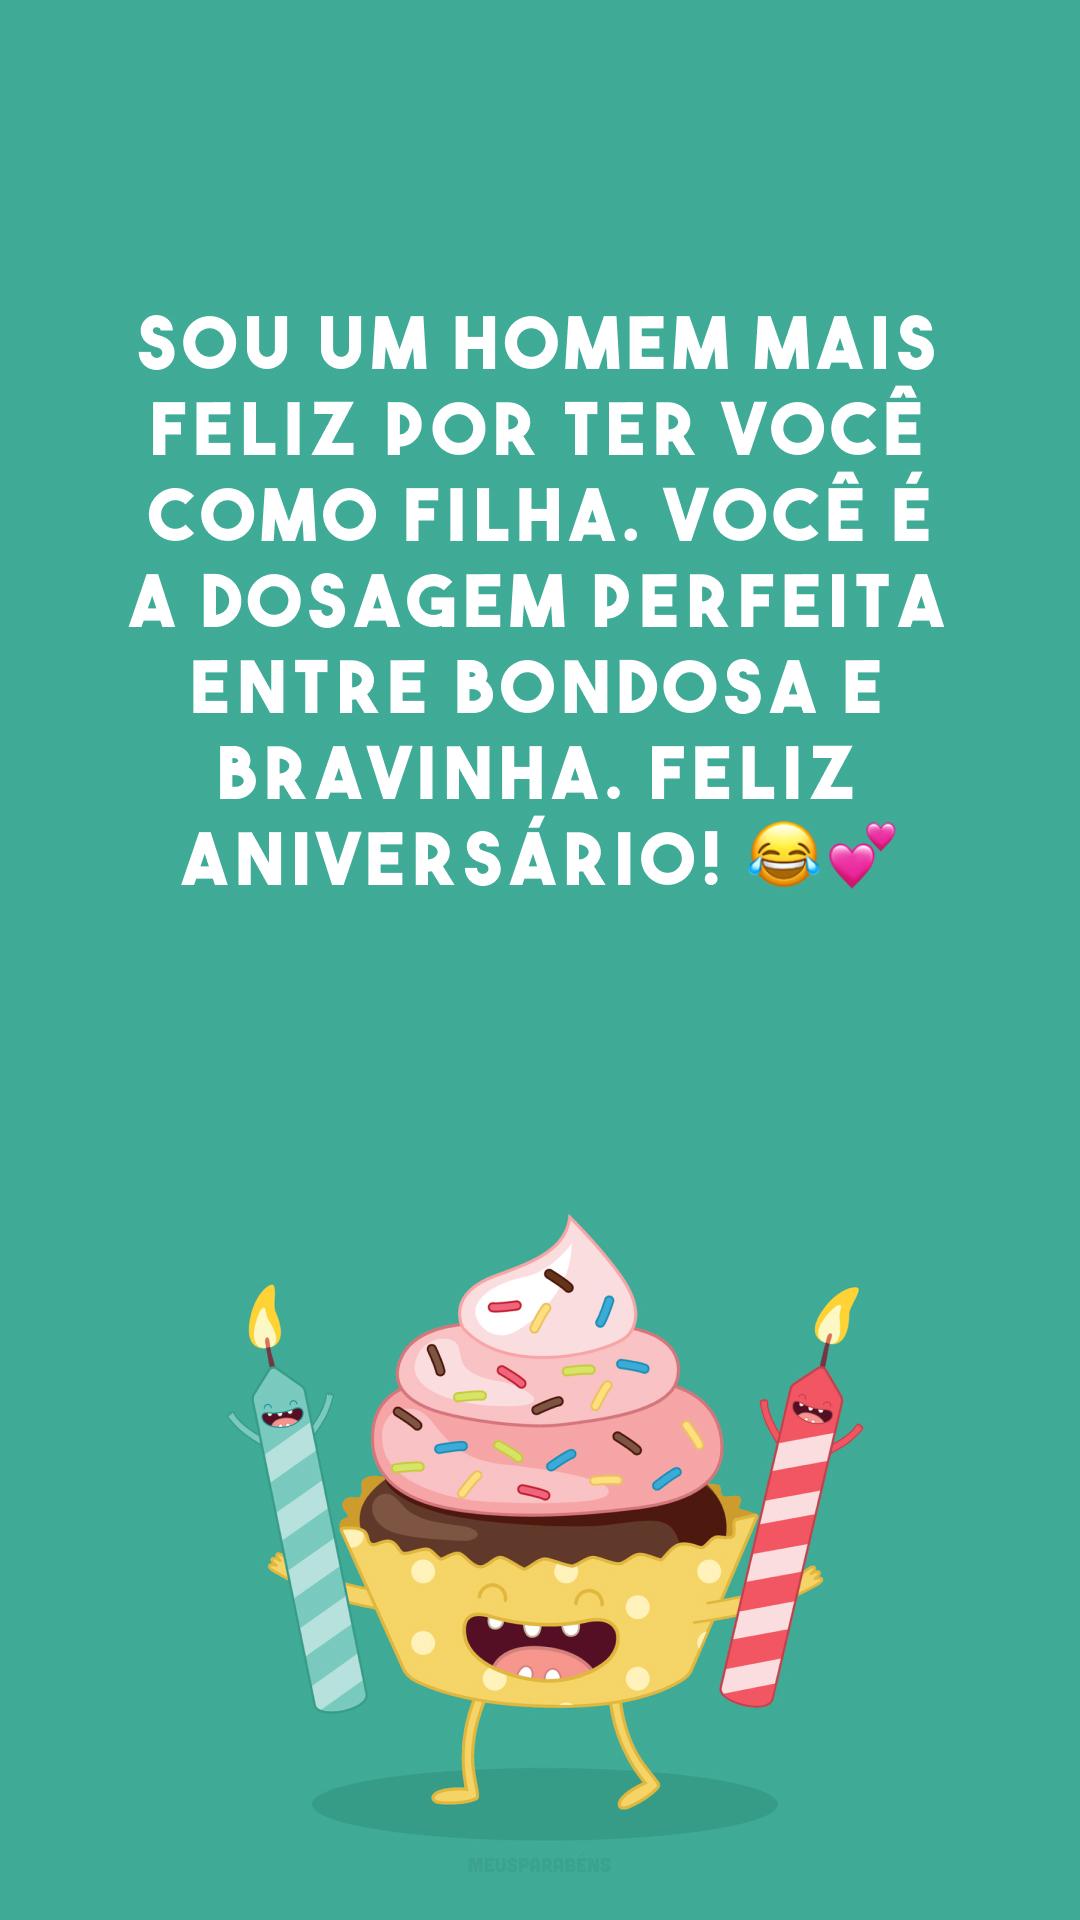 Sou um homem mais feliz por ter você como filha. Você é a dosagem perfeita entre bondosa e bravinha. Feliz aniversário! 😂💕